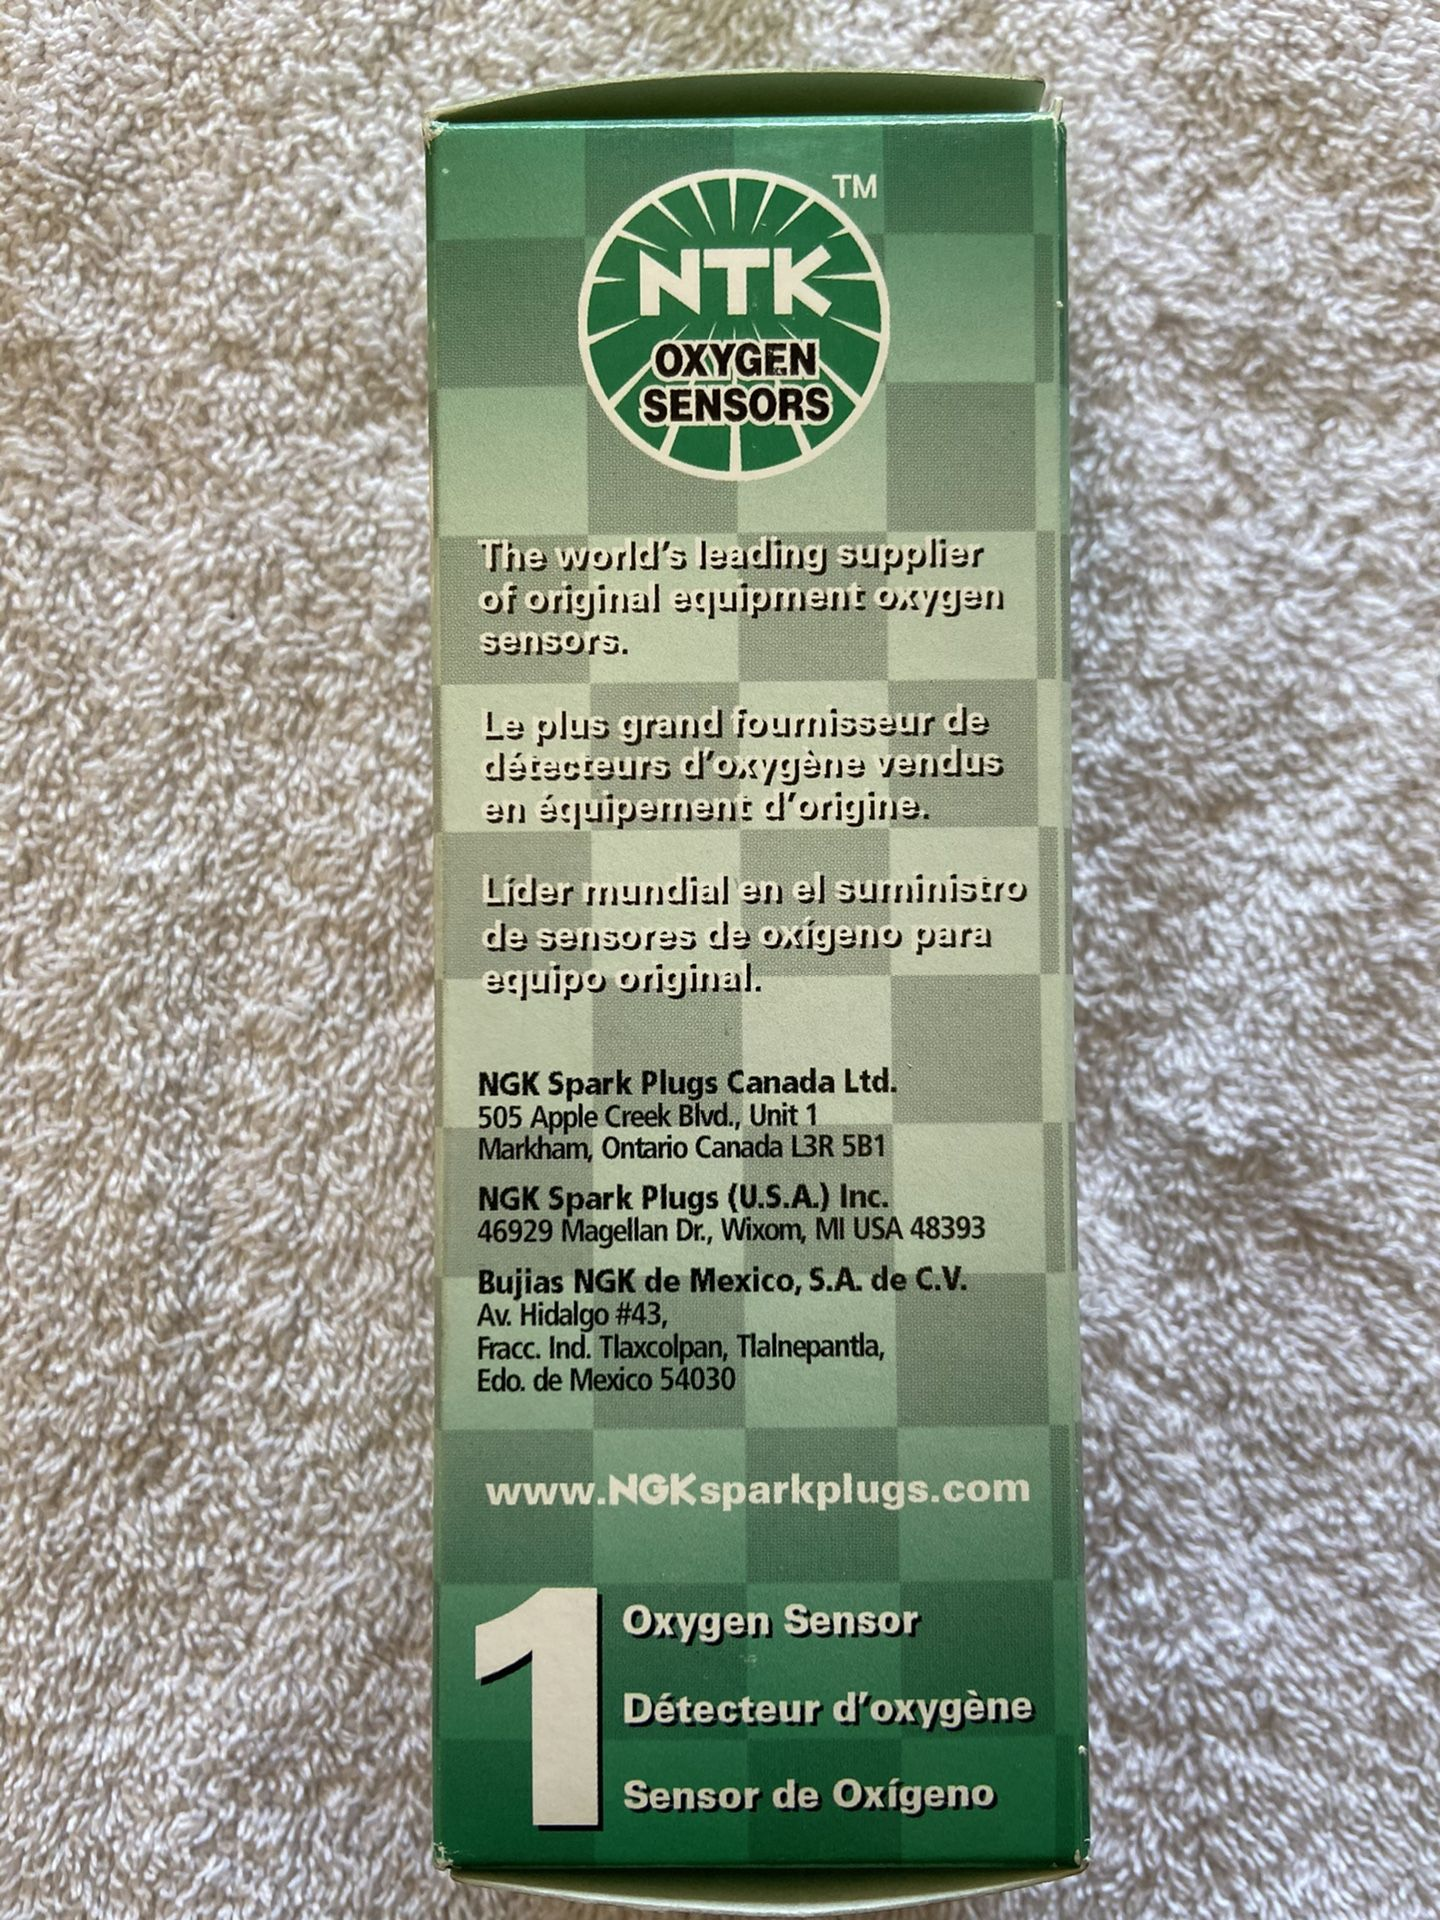 NTK Oxygen Sensors 24545 NGK Oxygen Sensor - NGK/NTK Packaging